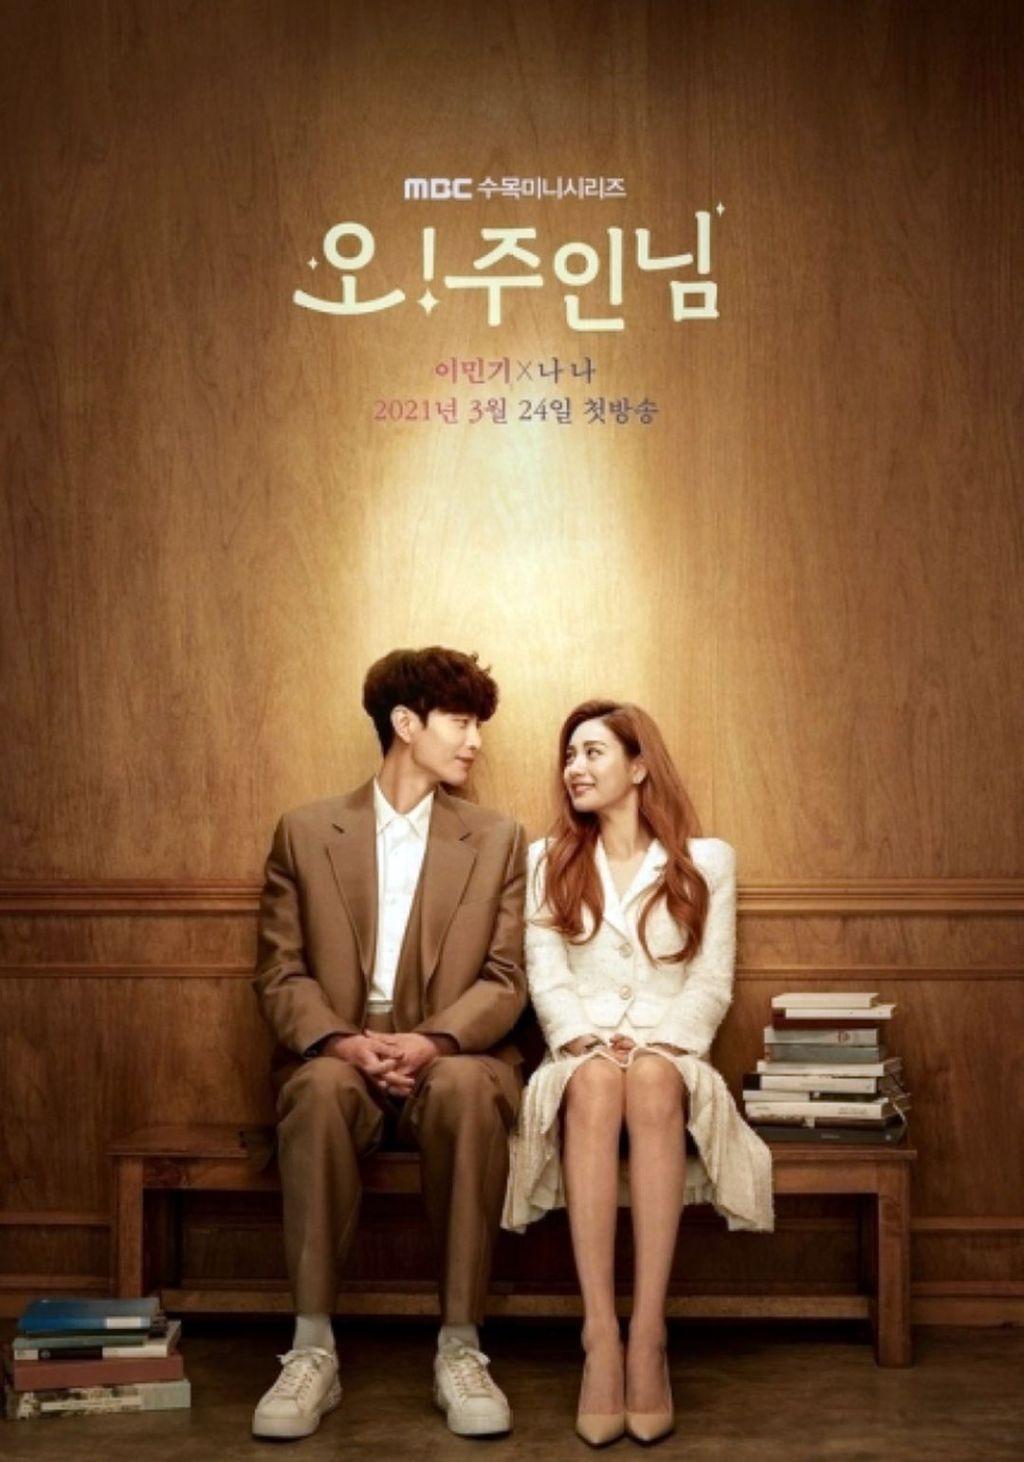 Sinopsis Dan Profil Lengkap Pemeran K-Drama Upcoming Oh Master (2021)